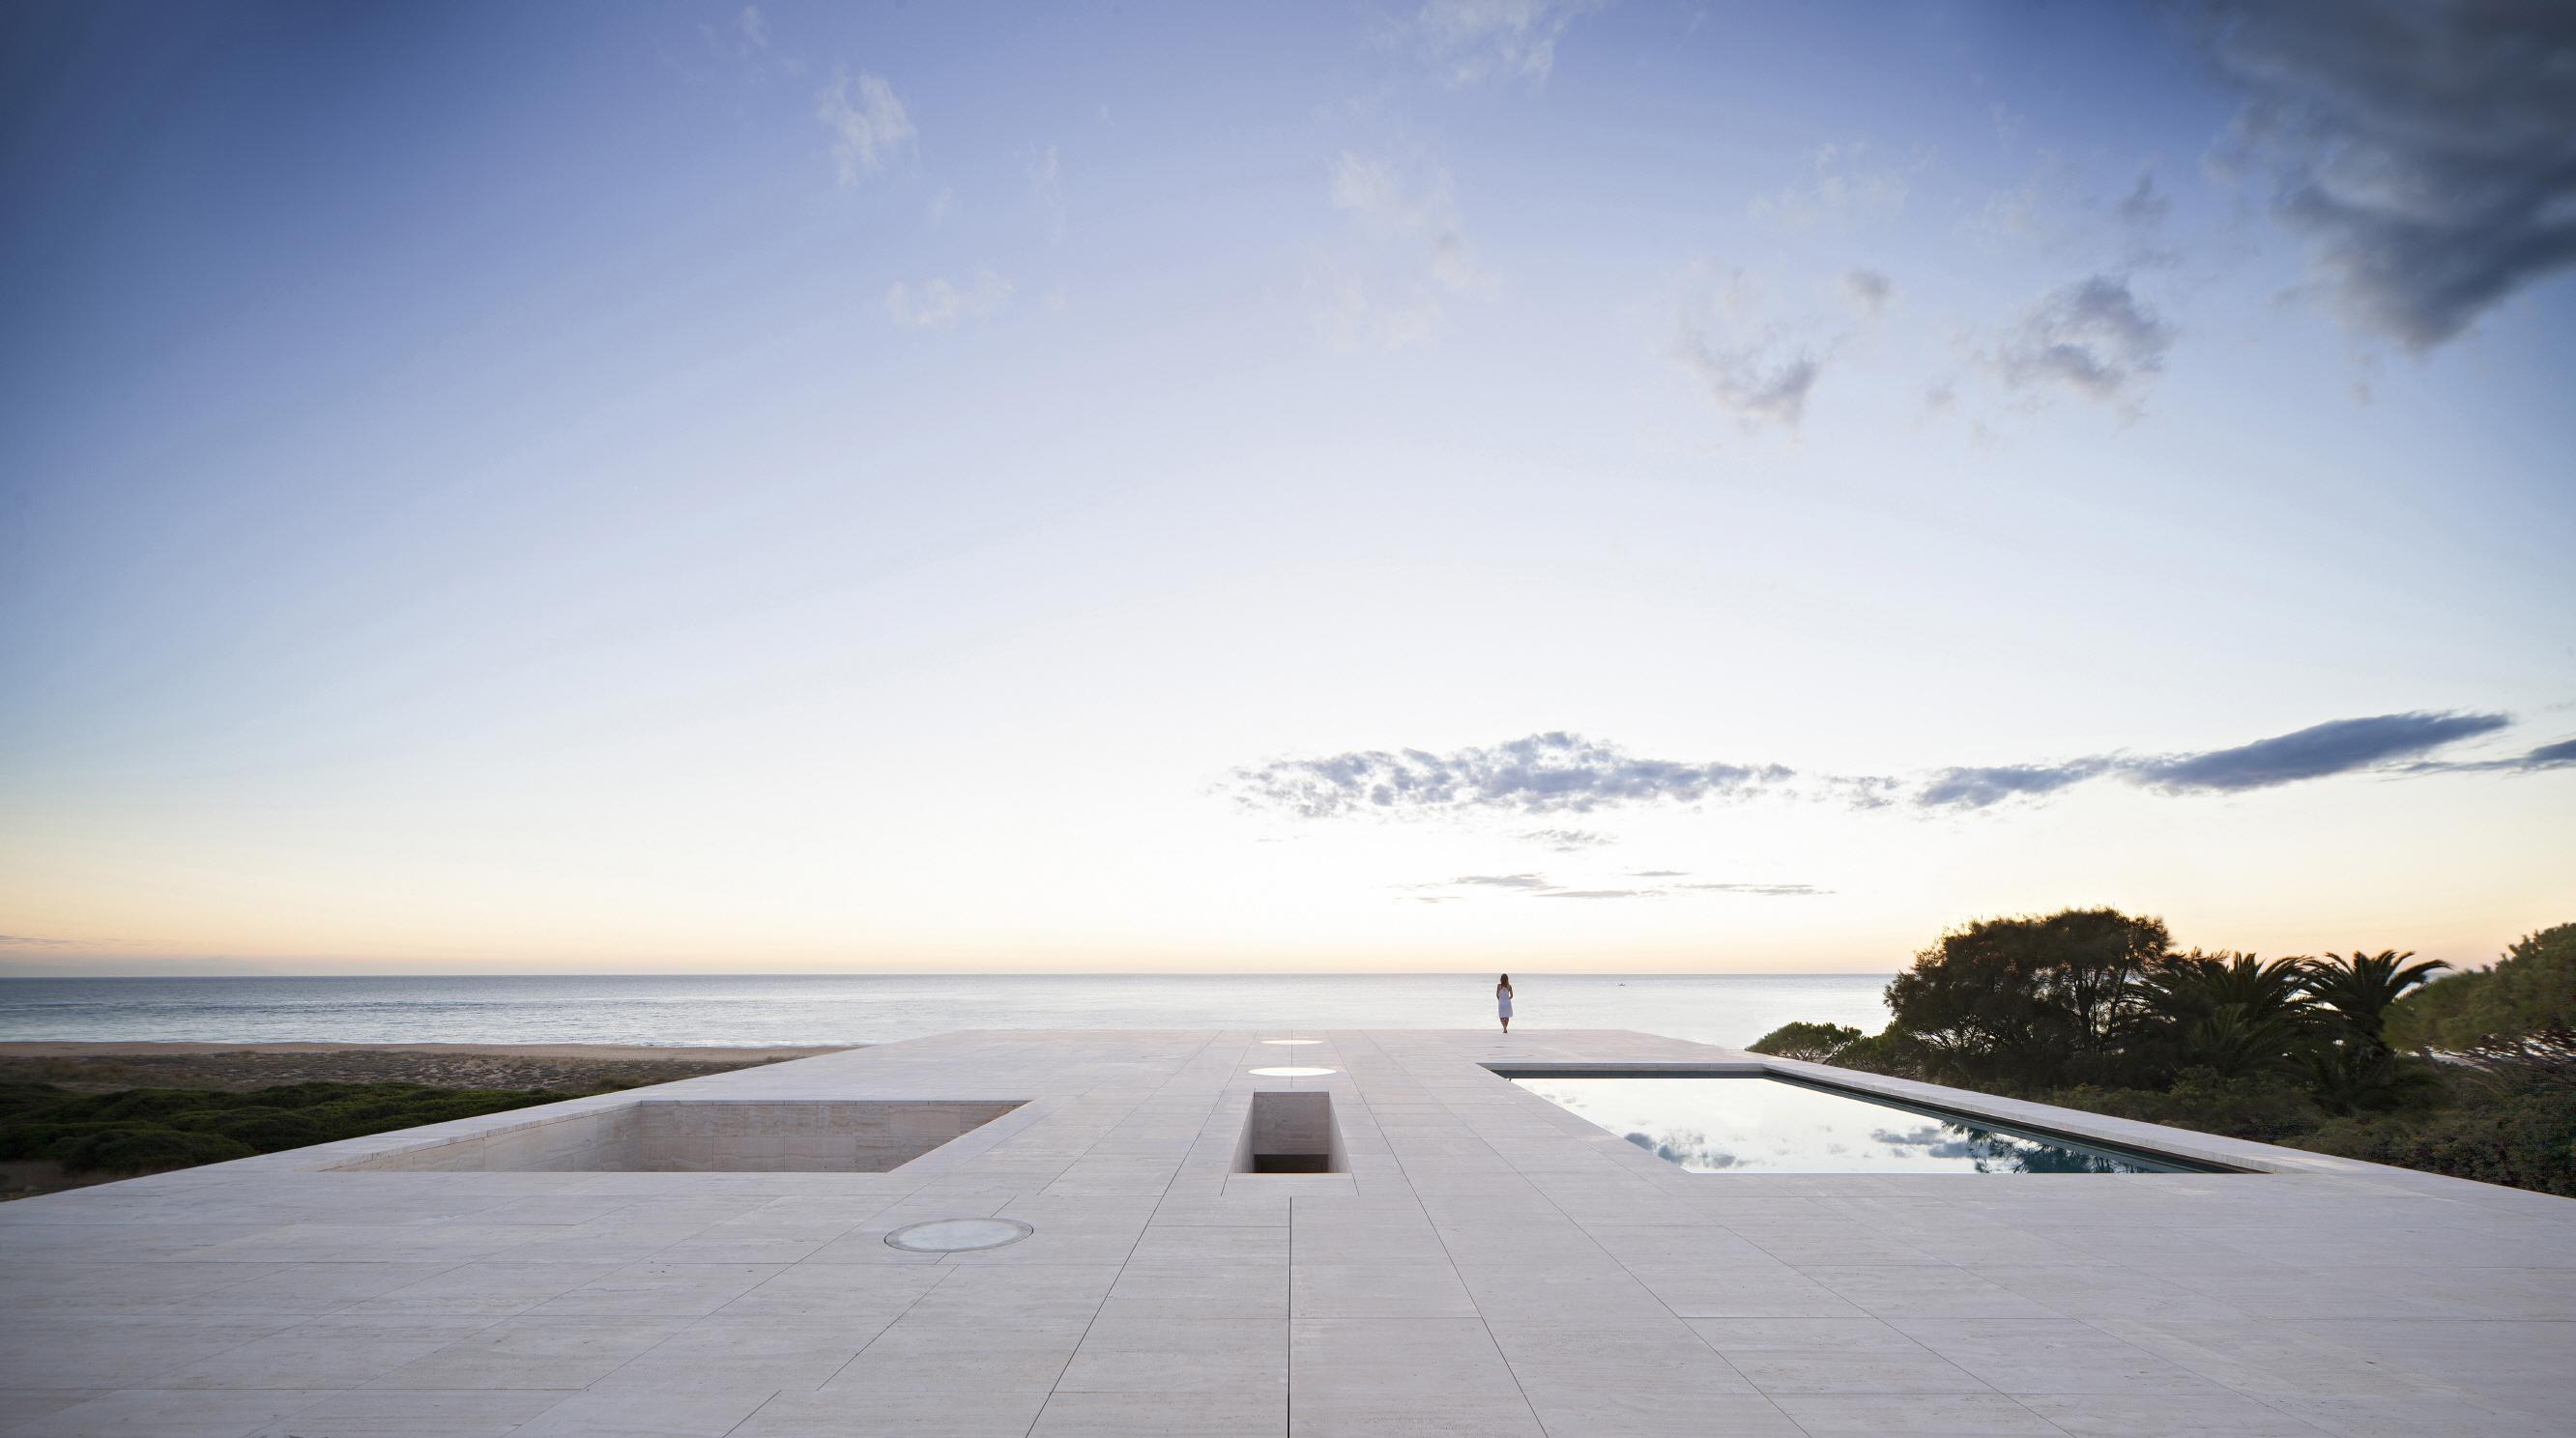 〔안정원의 건축 칼럼〕 수평선을 향해 속삭이듯 풀어낸 간결한 시적인 건축, 무한의 집 1